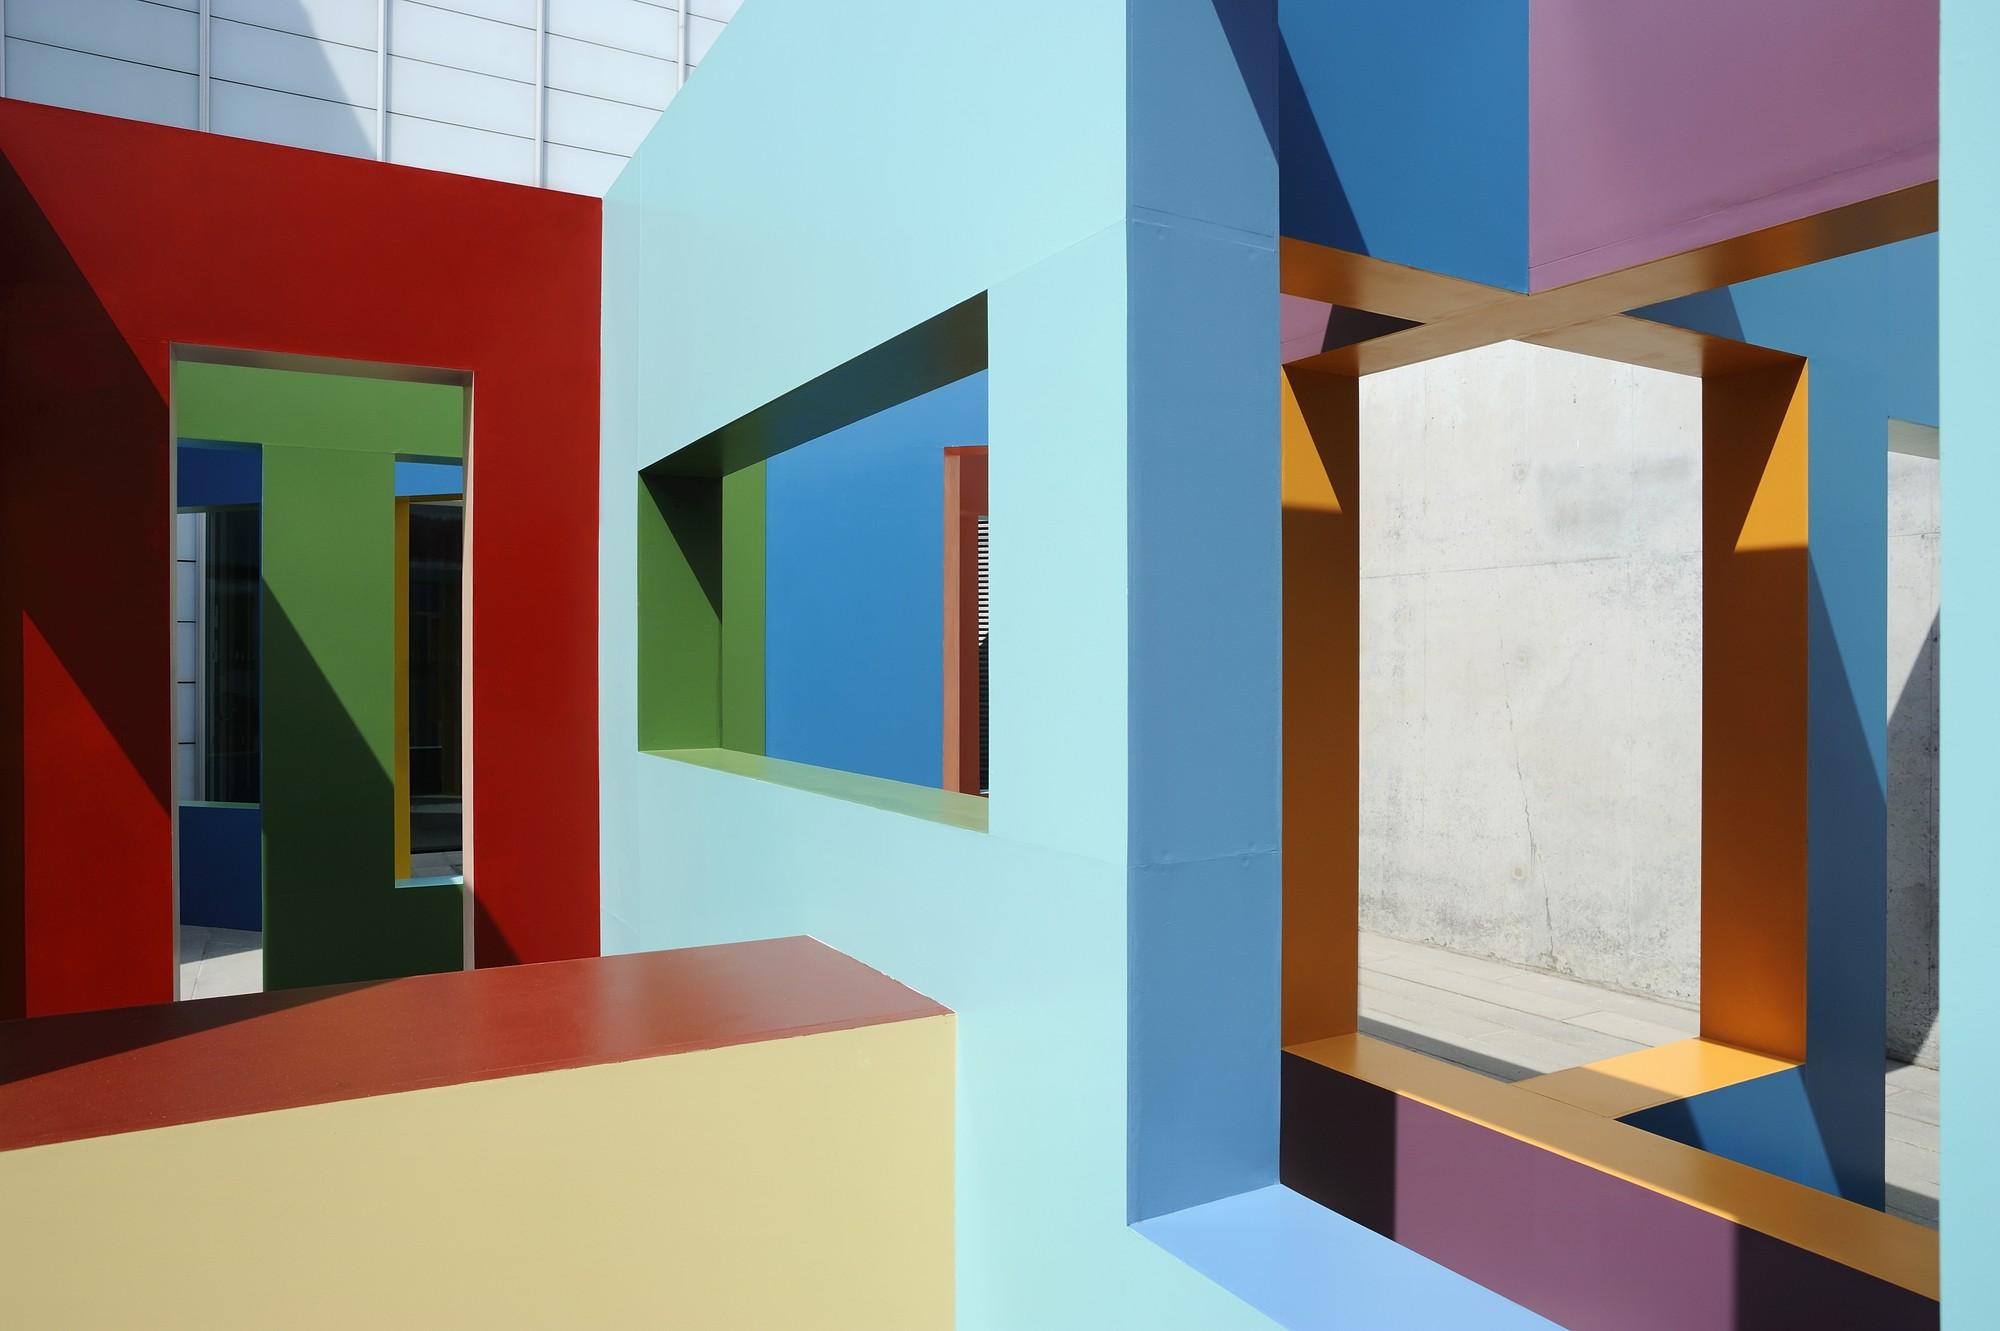 Dwelling: la construcción de estructuras laberínticas y lúdicas por Krijn de Koning